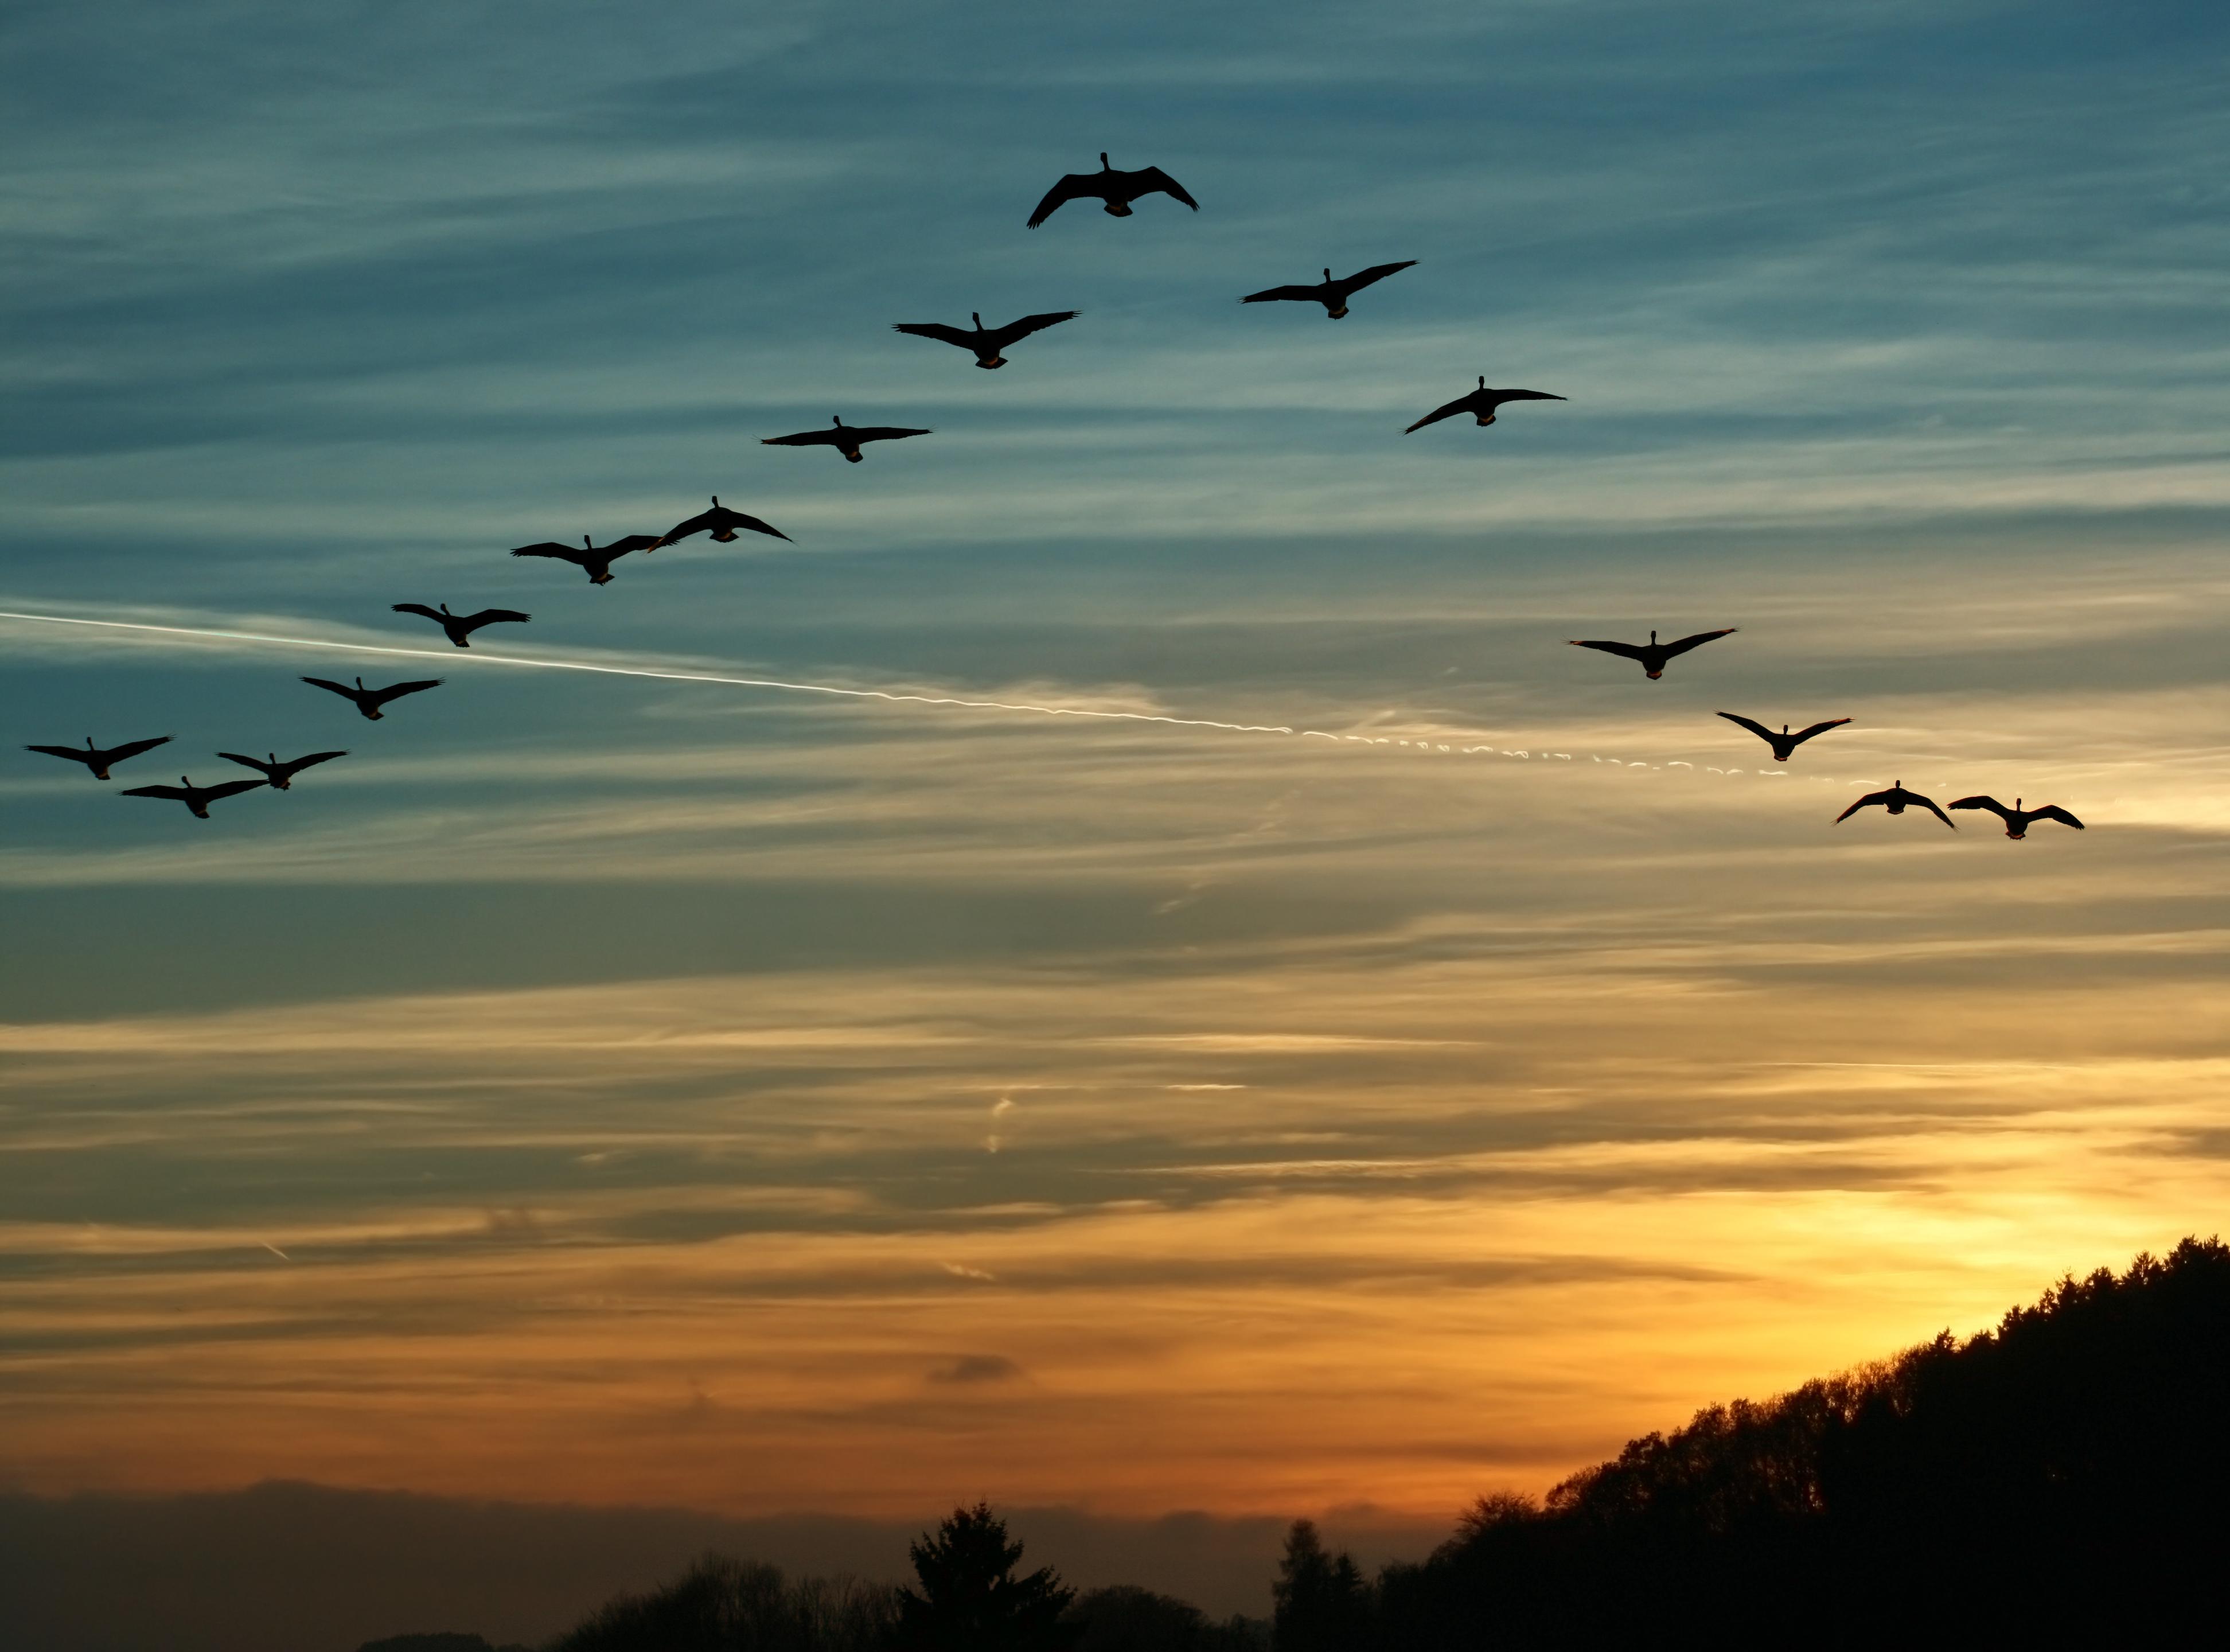 картинки журавли в осеннем небе решил поделиться